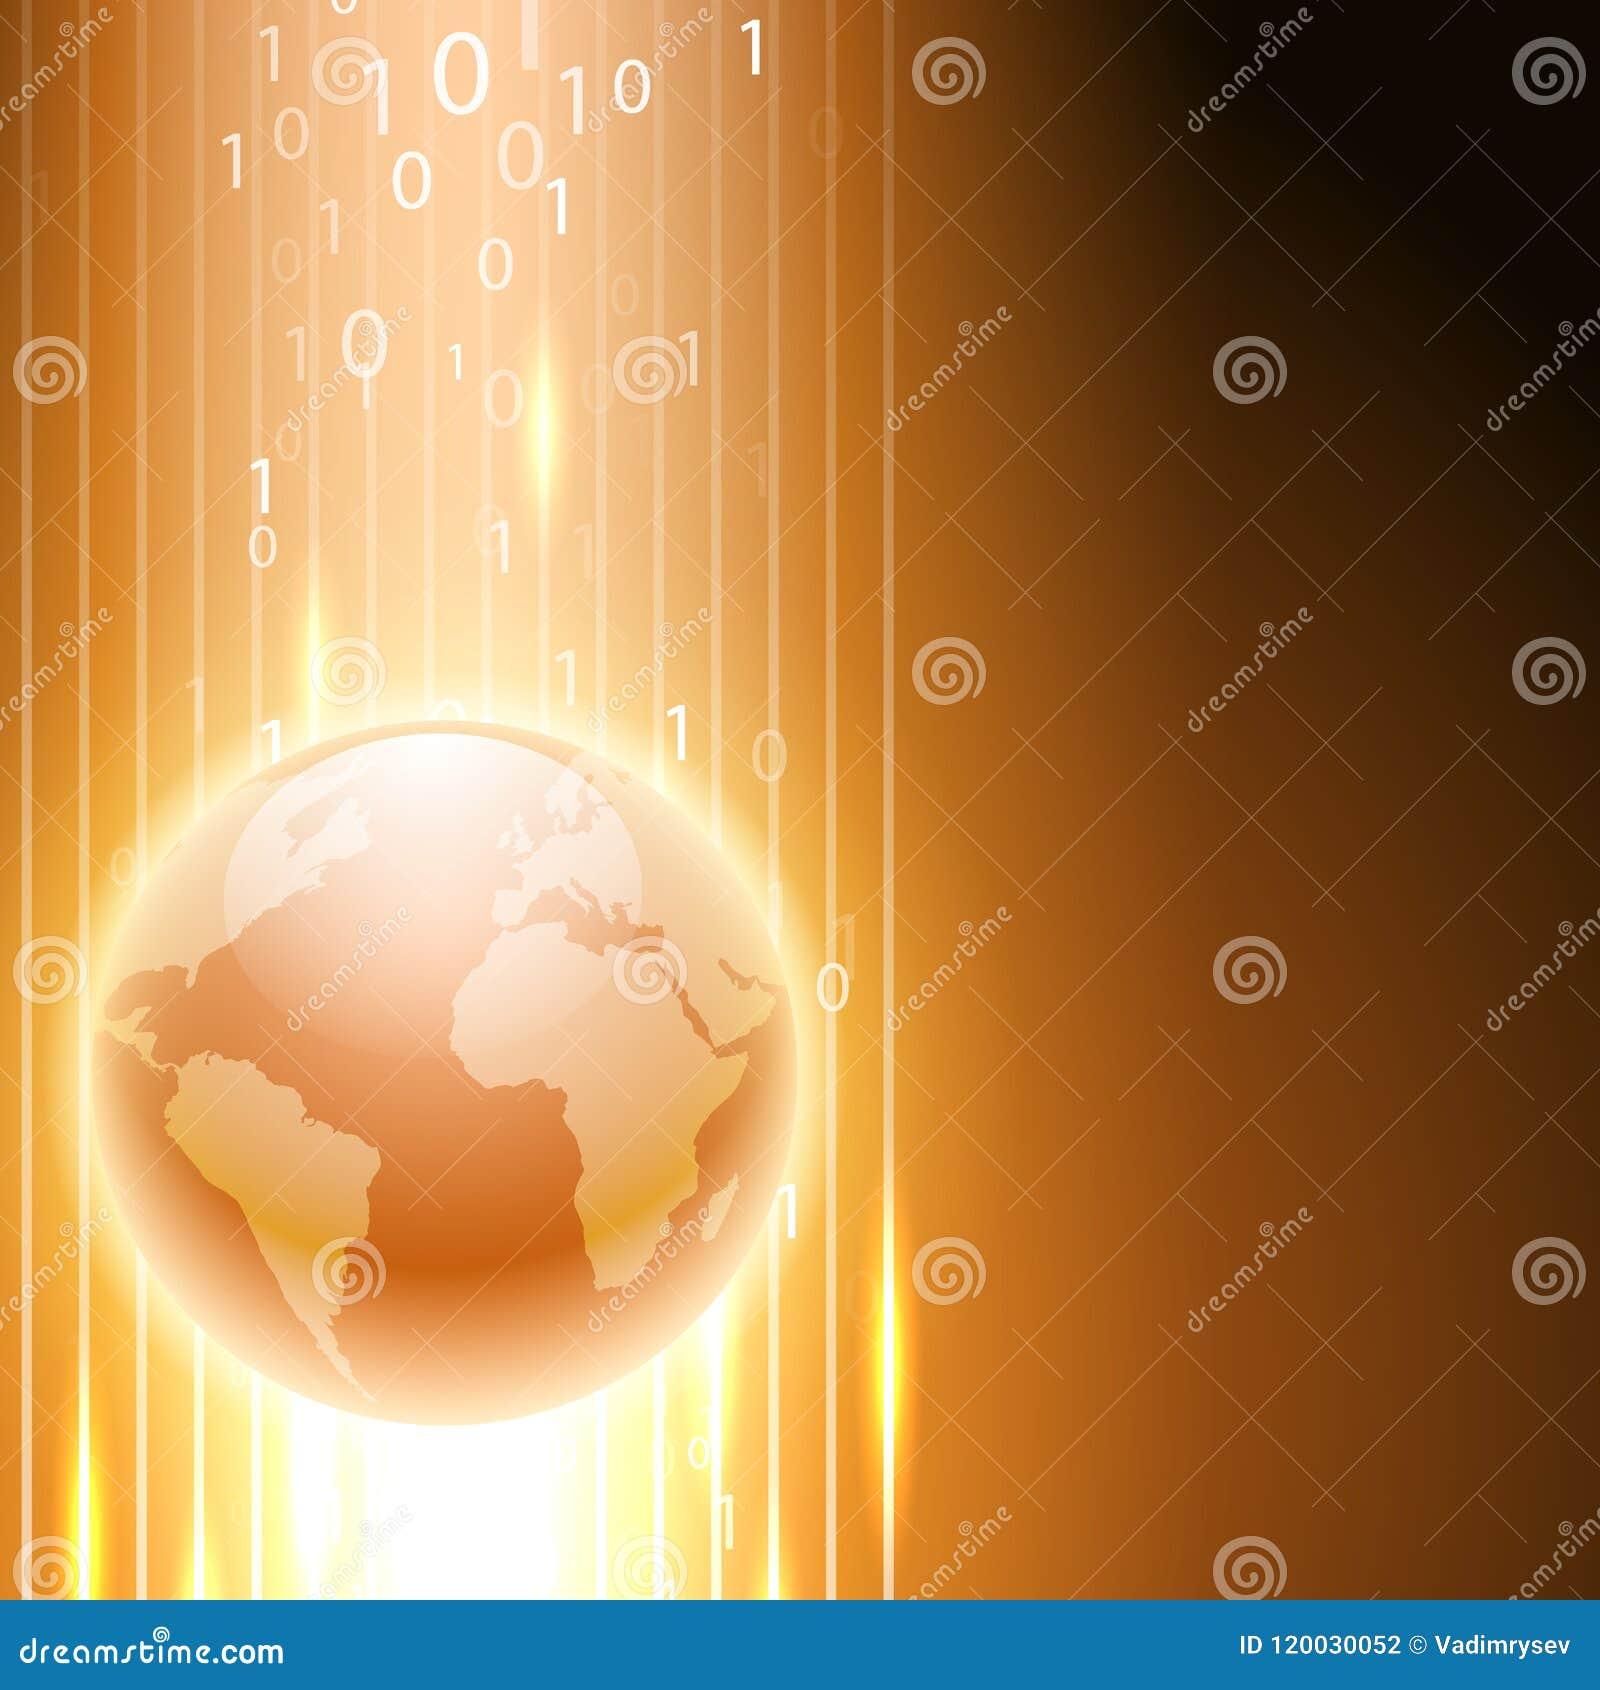 Fondo anaranjado con código binario al globo